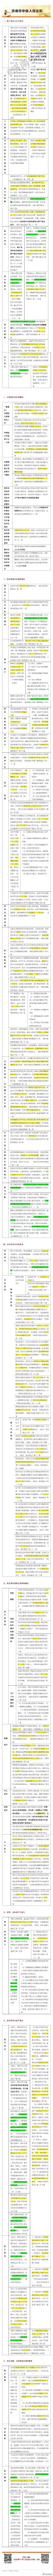 干货版!民事案件执行程序期限一览表